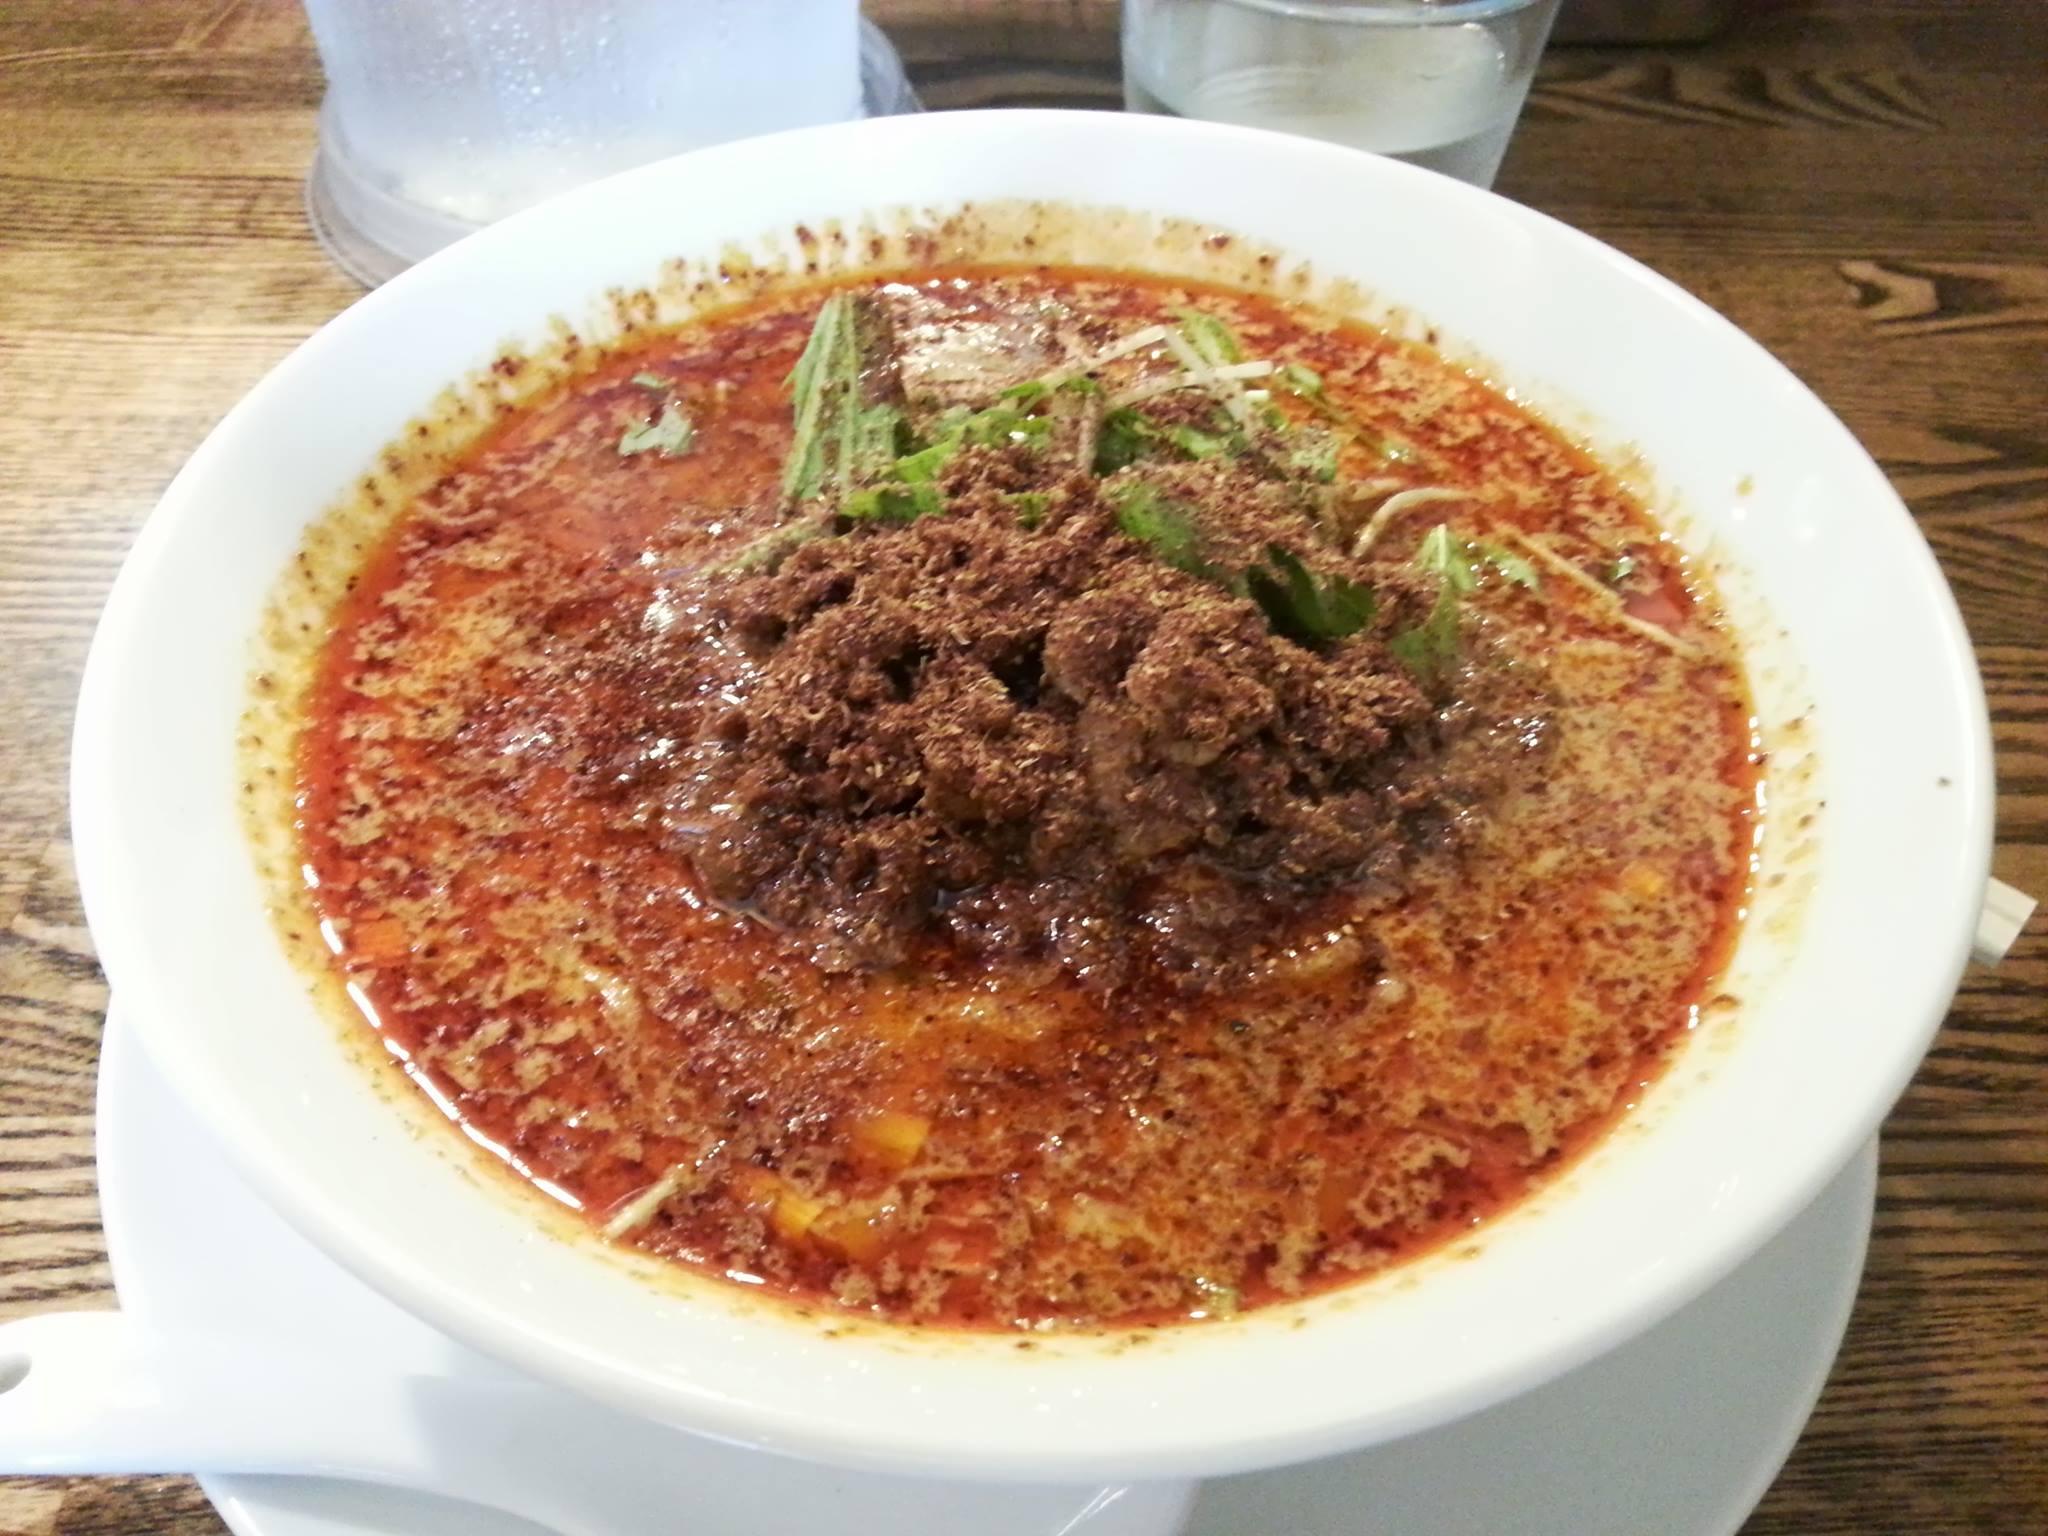 四川担担麺 阿吽 (Tan Tan Men Aun)